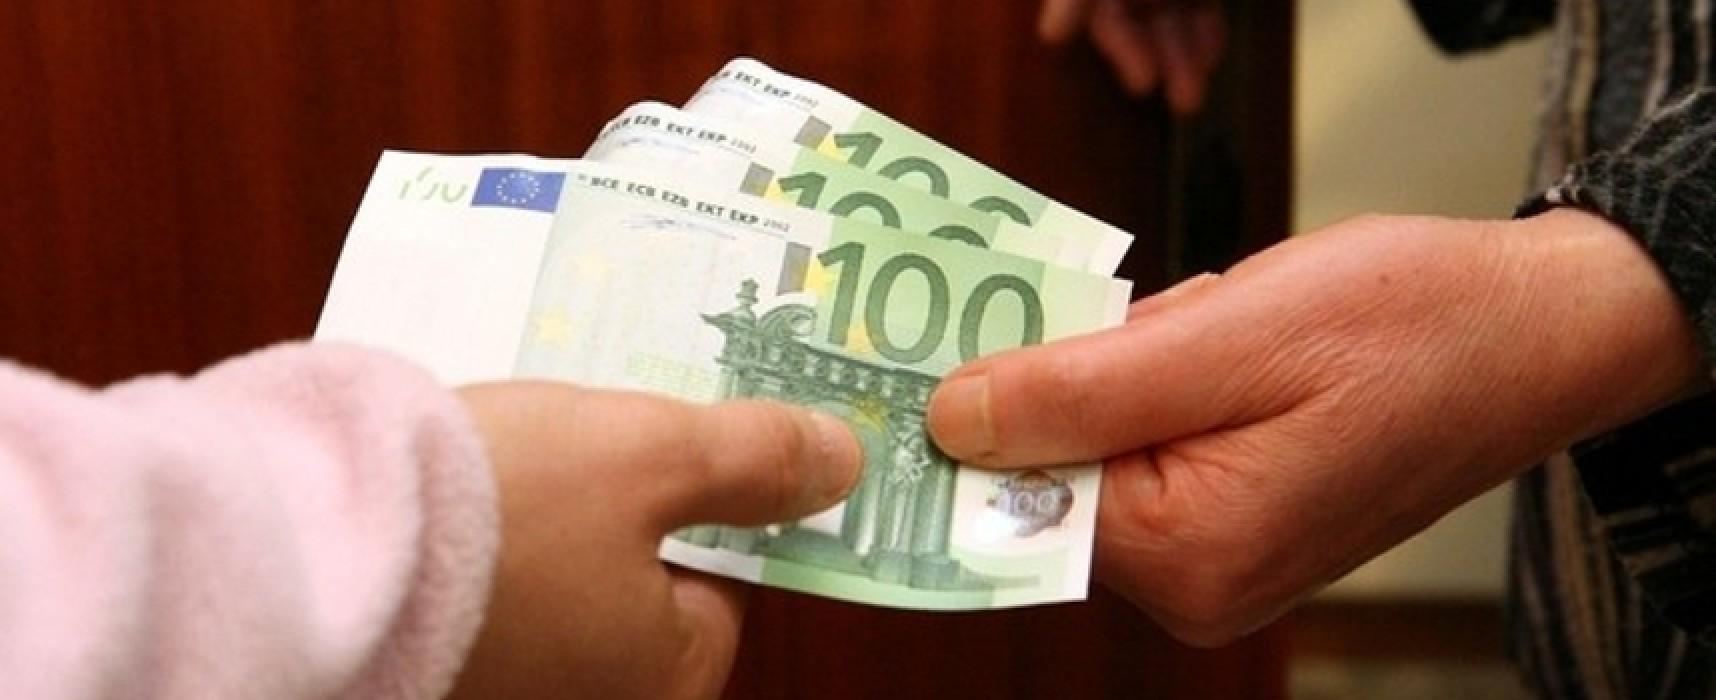 Si finge avvocato del loro figlio e truffa due anziani coniugi spillandogli 500 euro